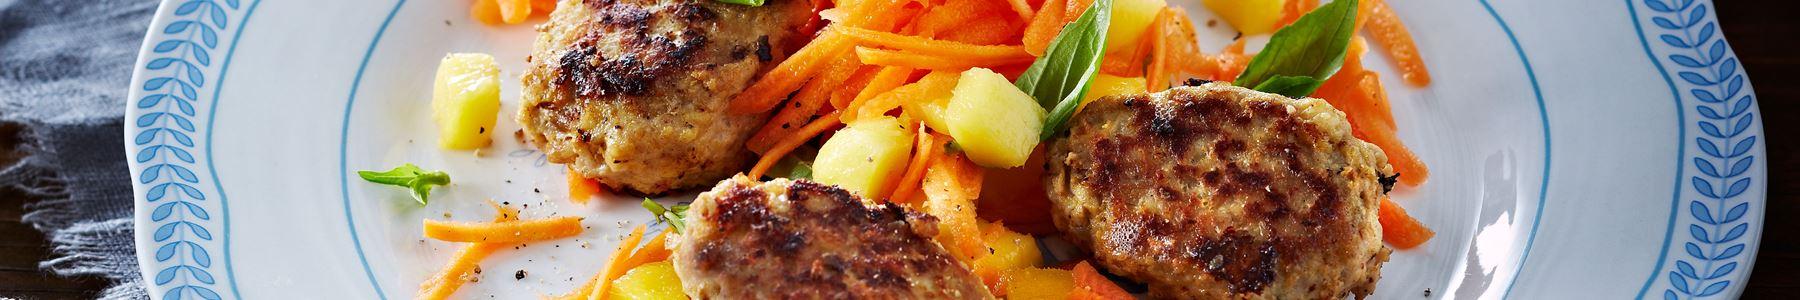 Hakket svinekød + Smørrebrød